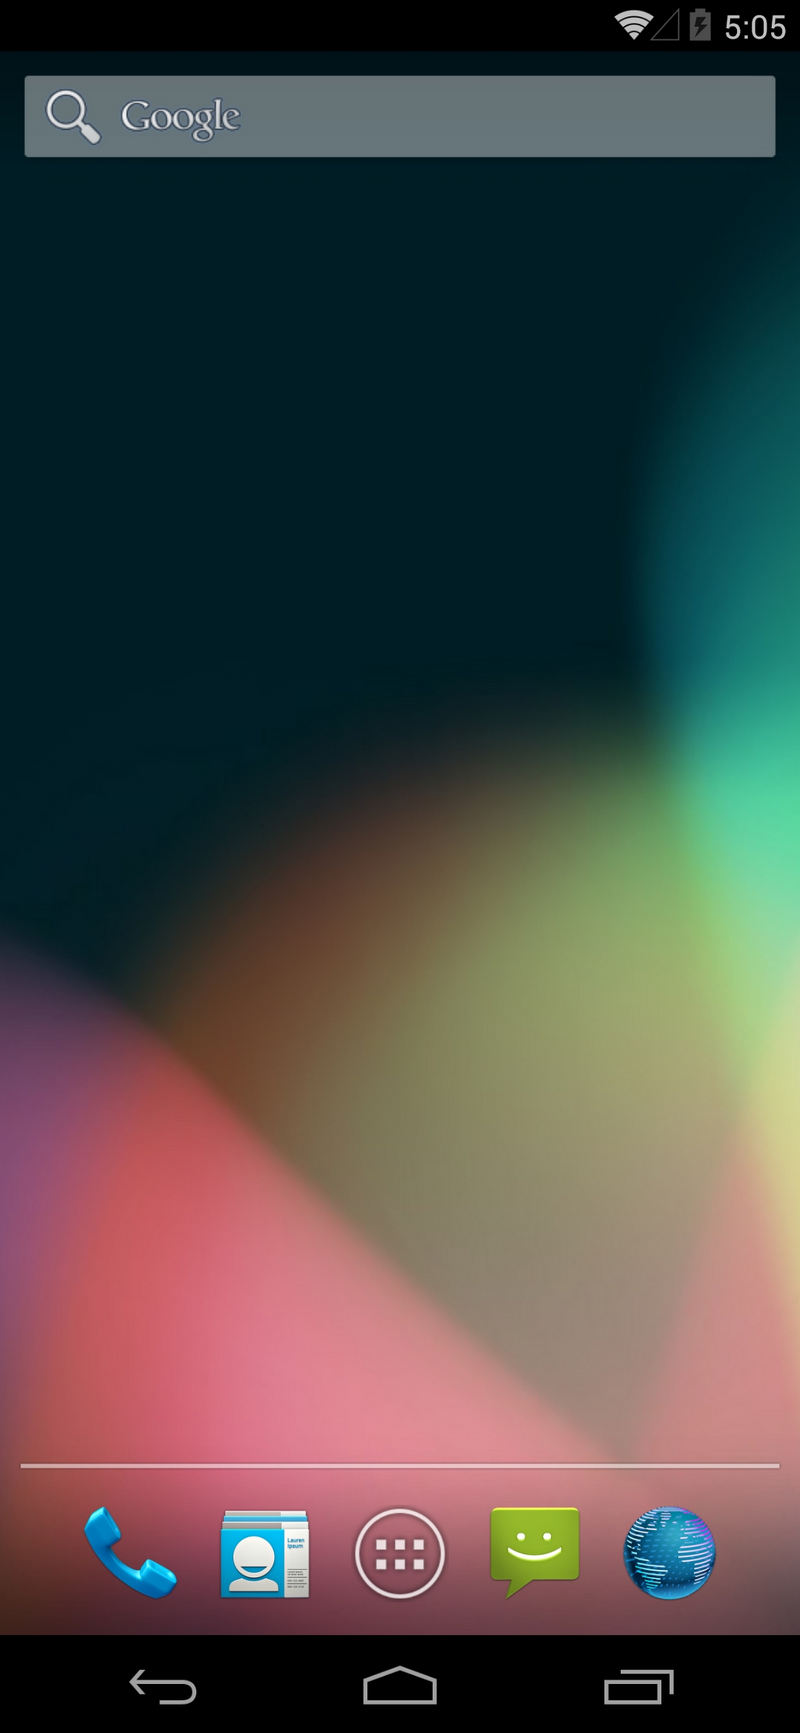 VMOS Pro v1.4.3 去广告永久会员版-第2张图片-分享者 - 优质精品软件、互联网资源分享